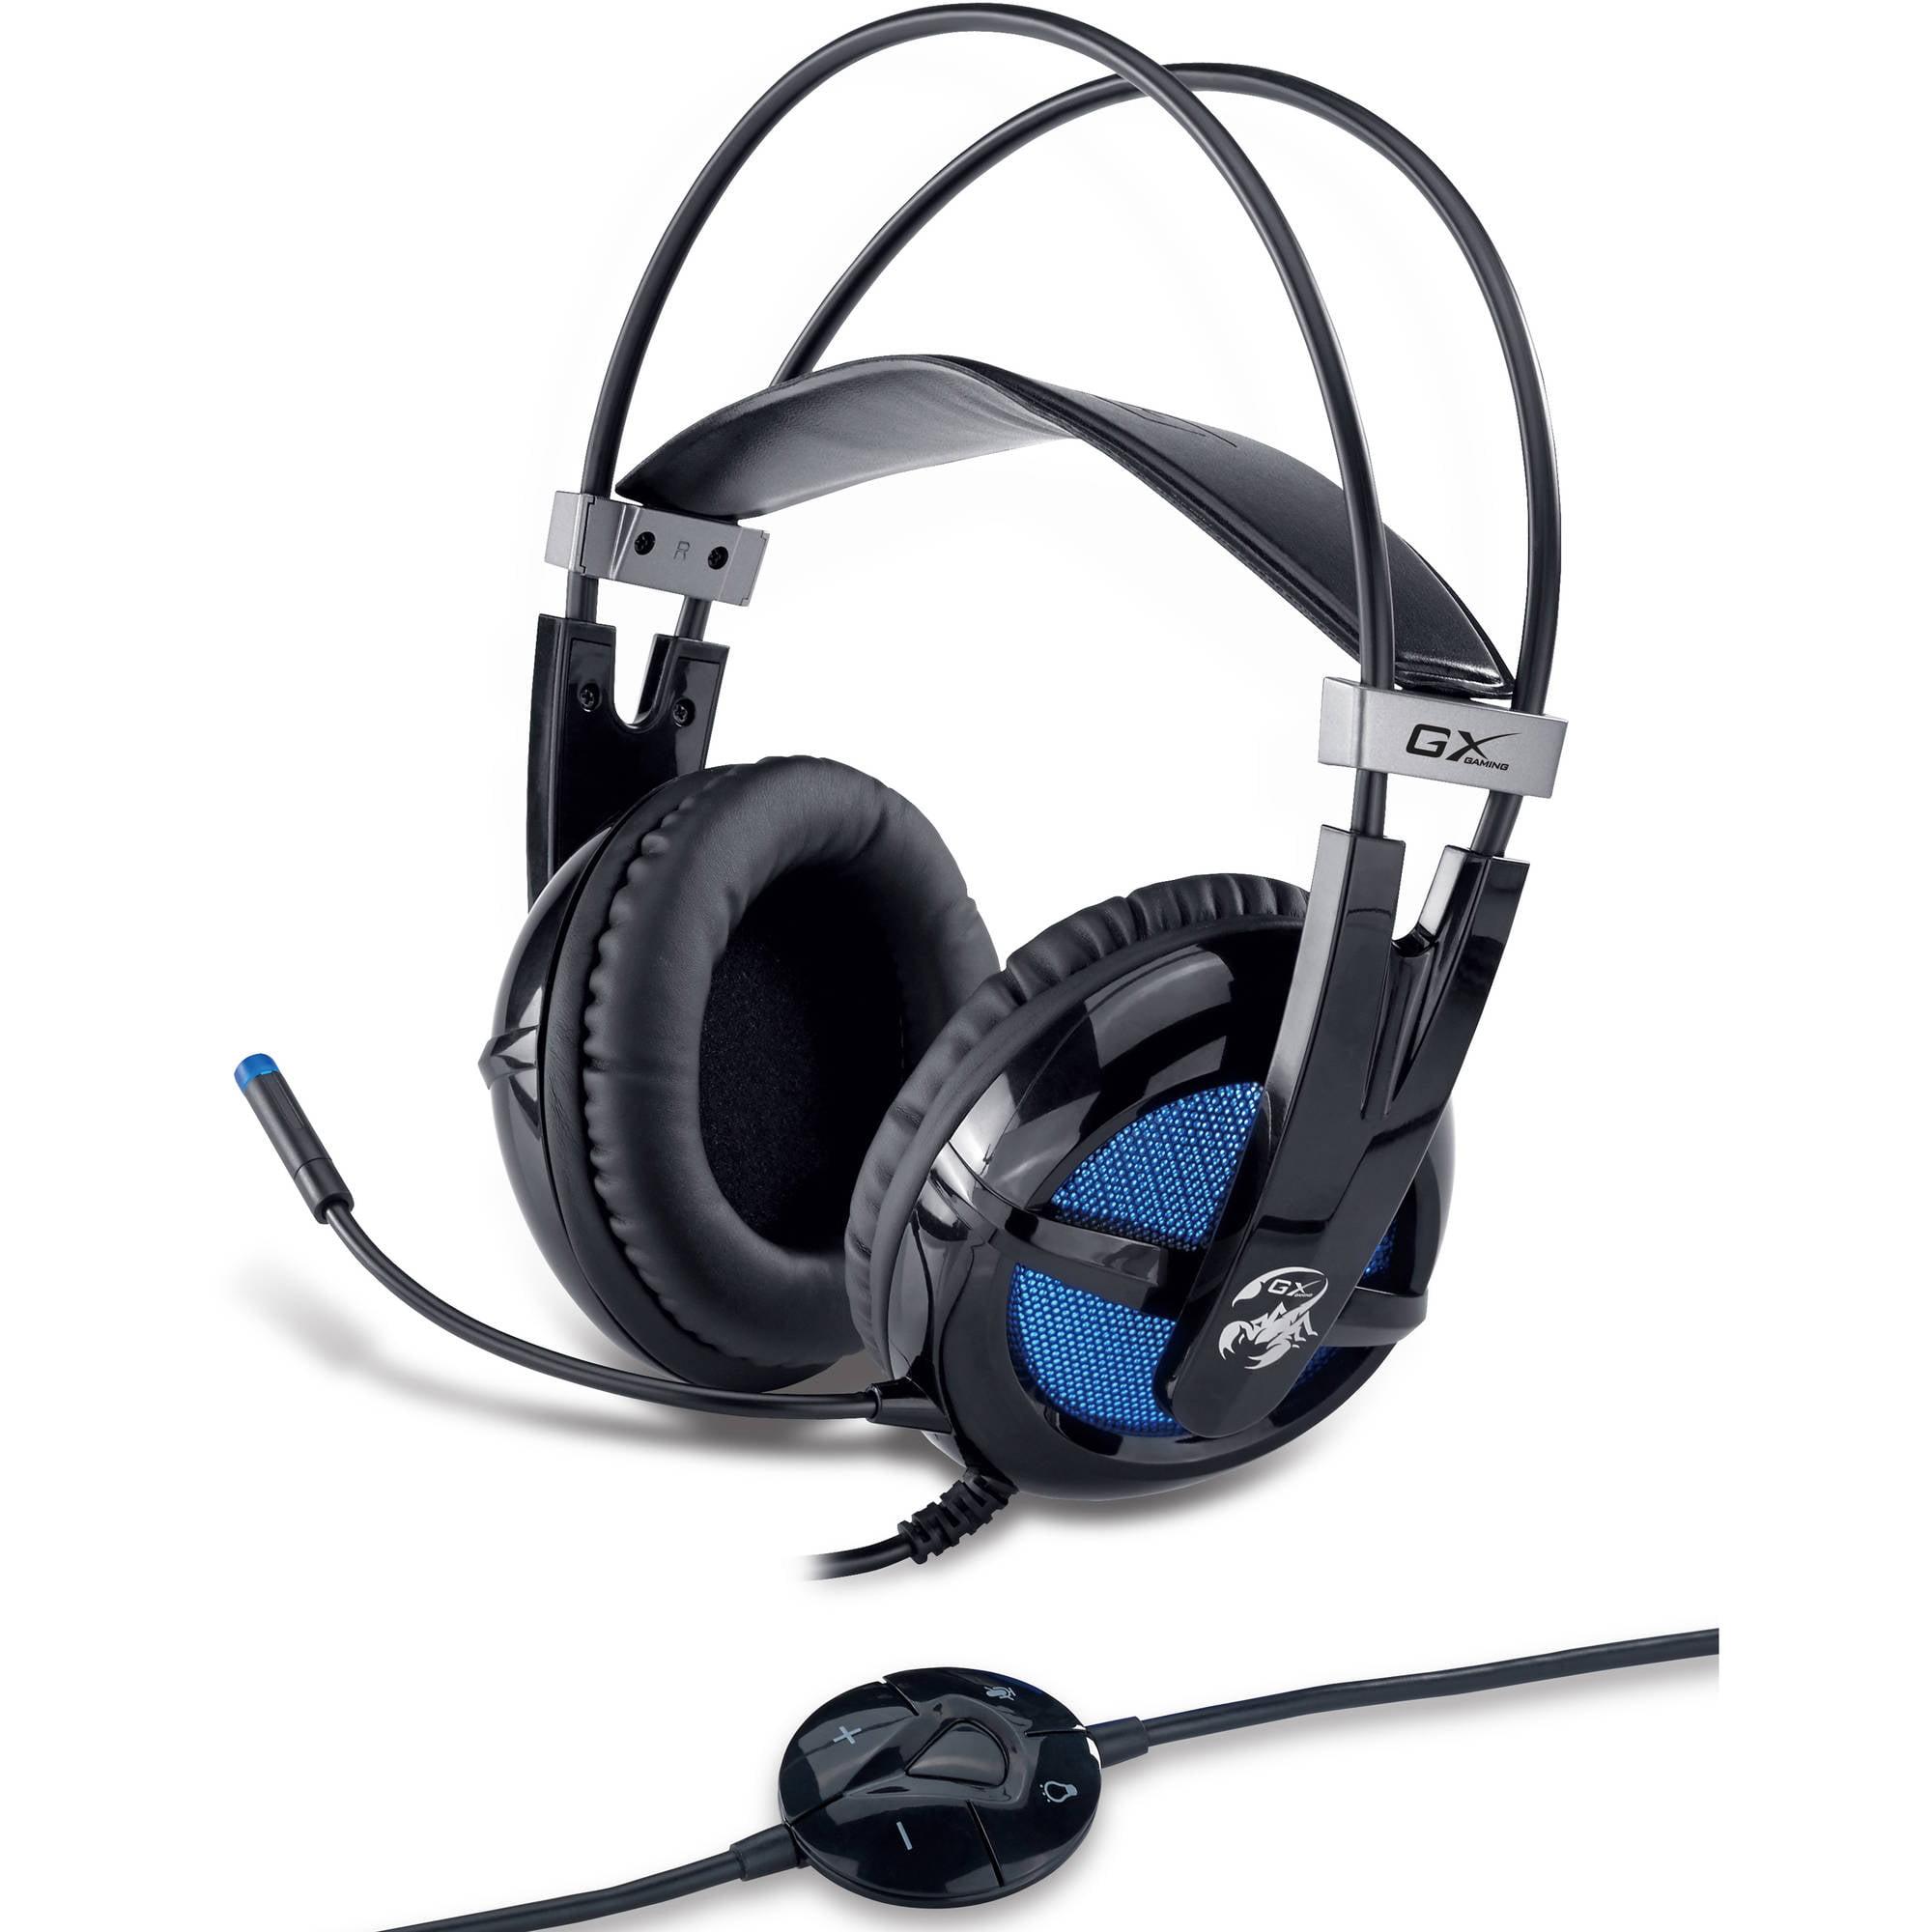 KYE Genius GX Gaming Virtual 7.1 - Channel Junceus Gaming Headset, Black